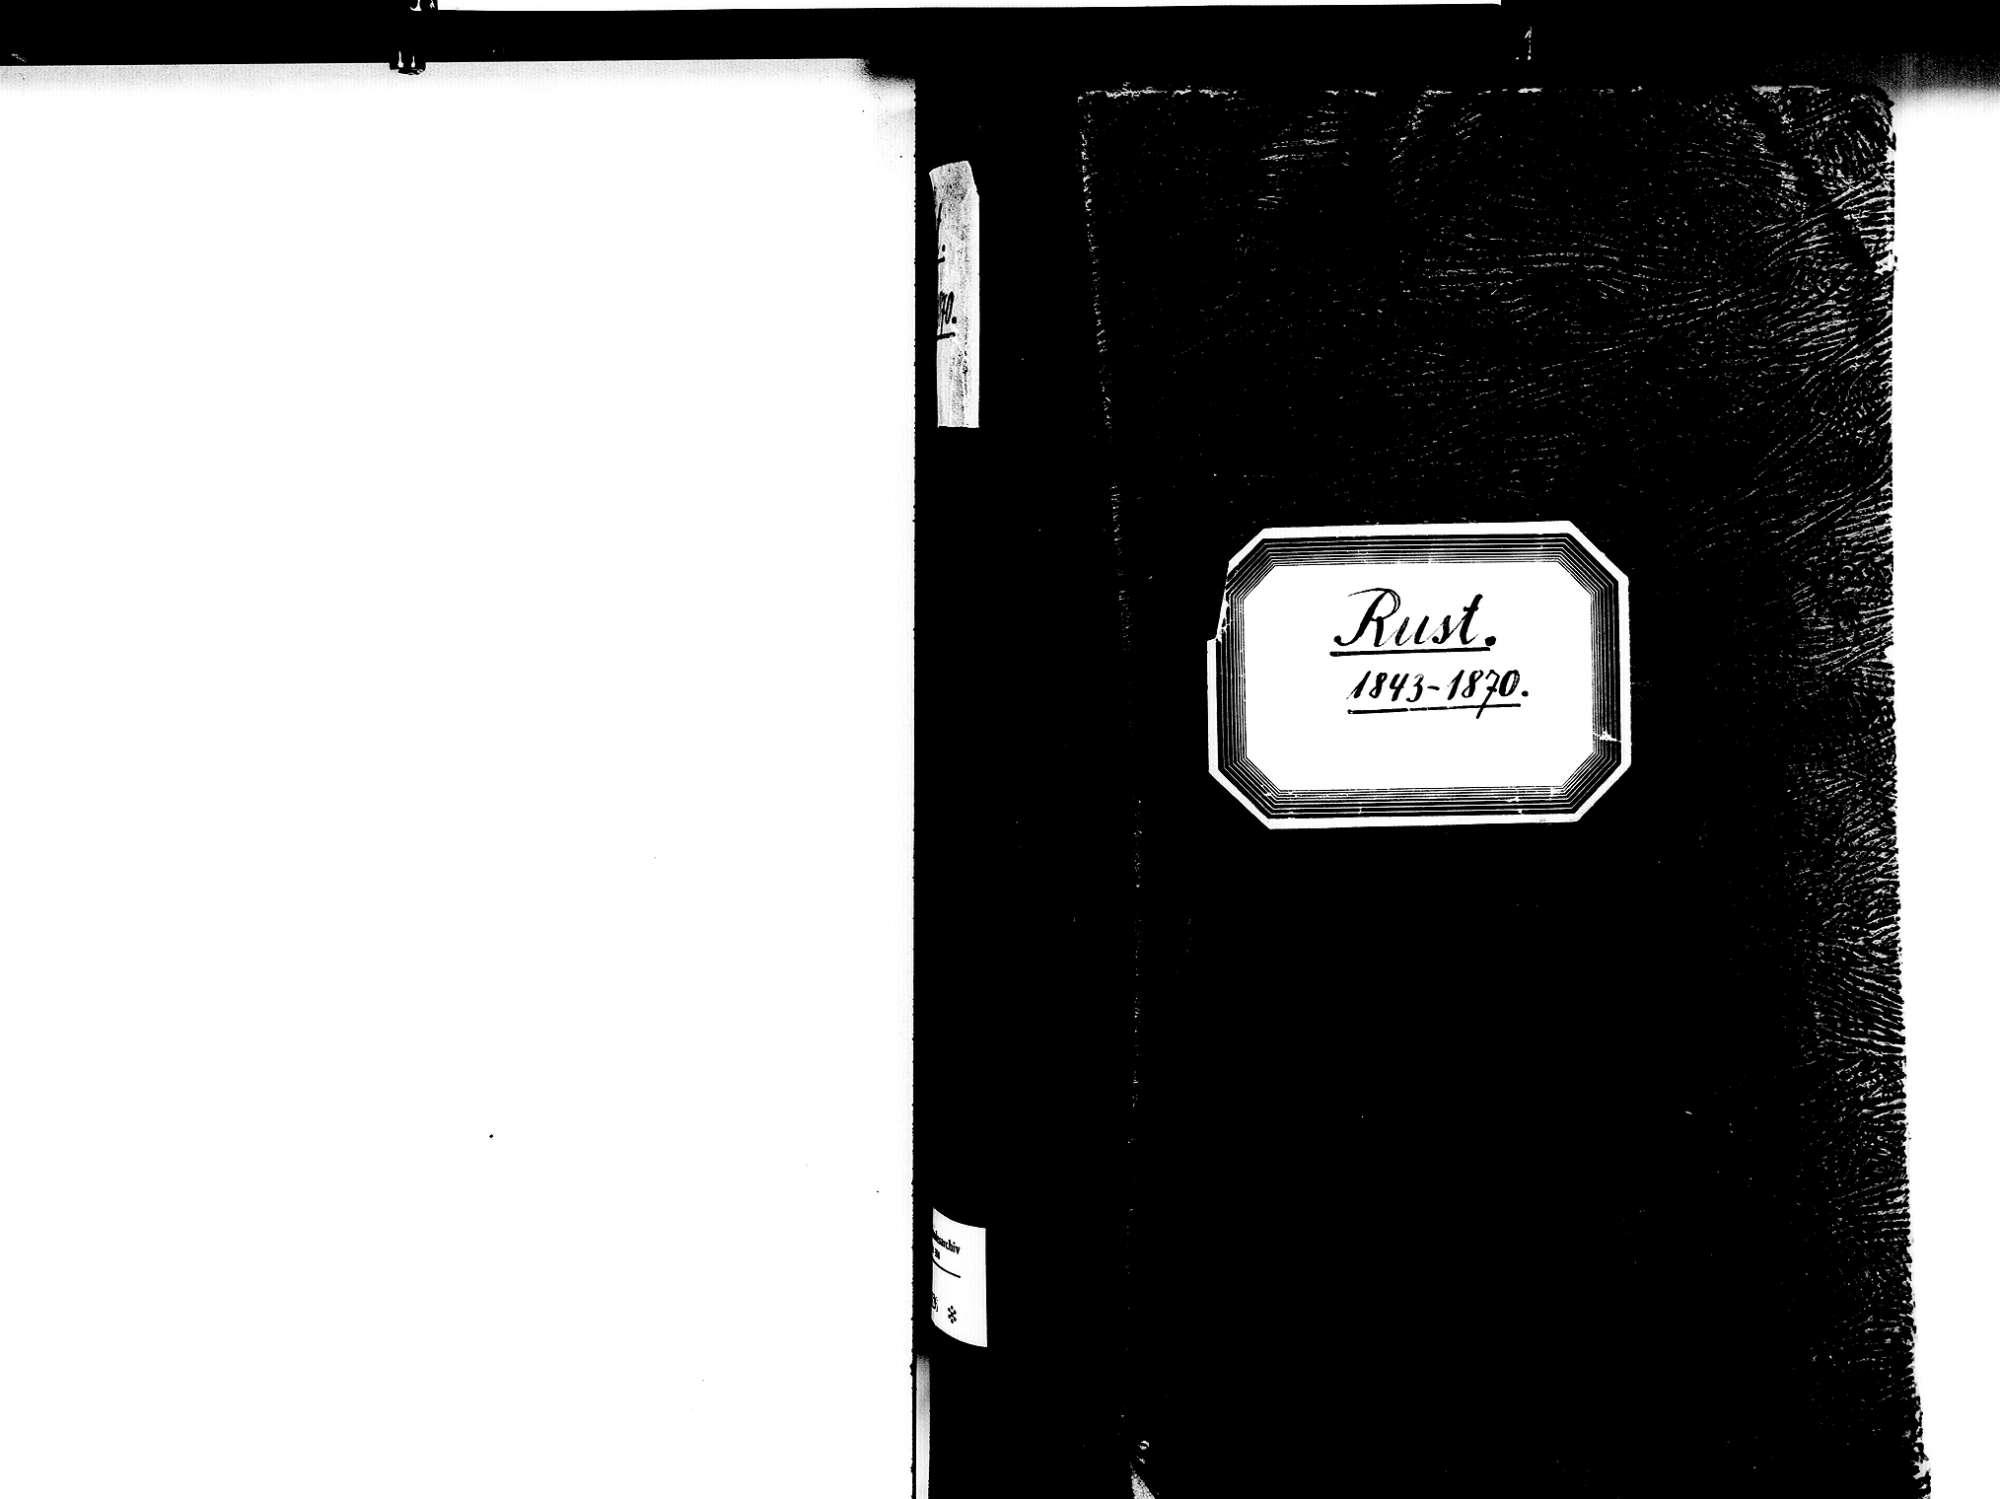 Rust OG; Katholische Gemeinde: Geburtenbuch 1843-1870, Bild 3